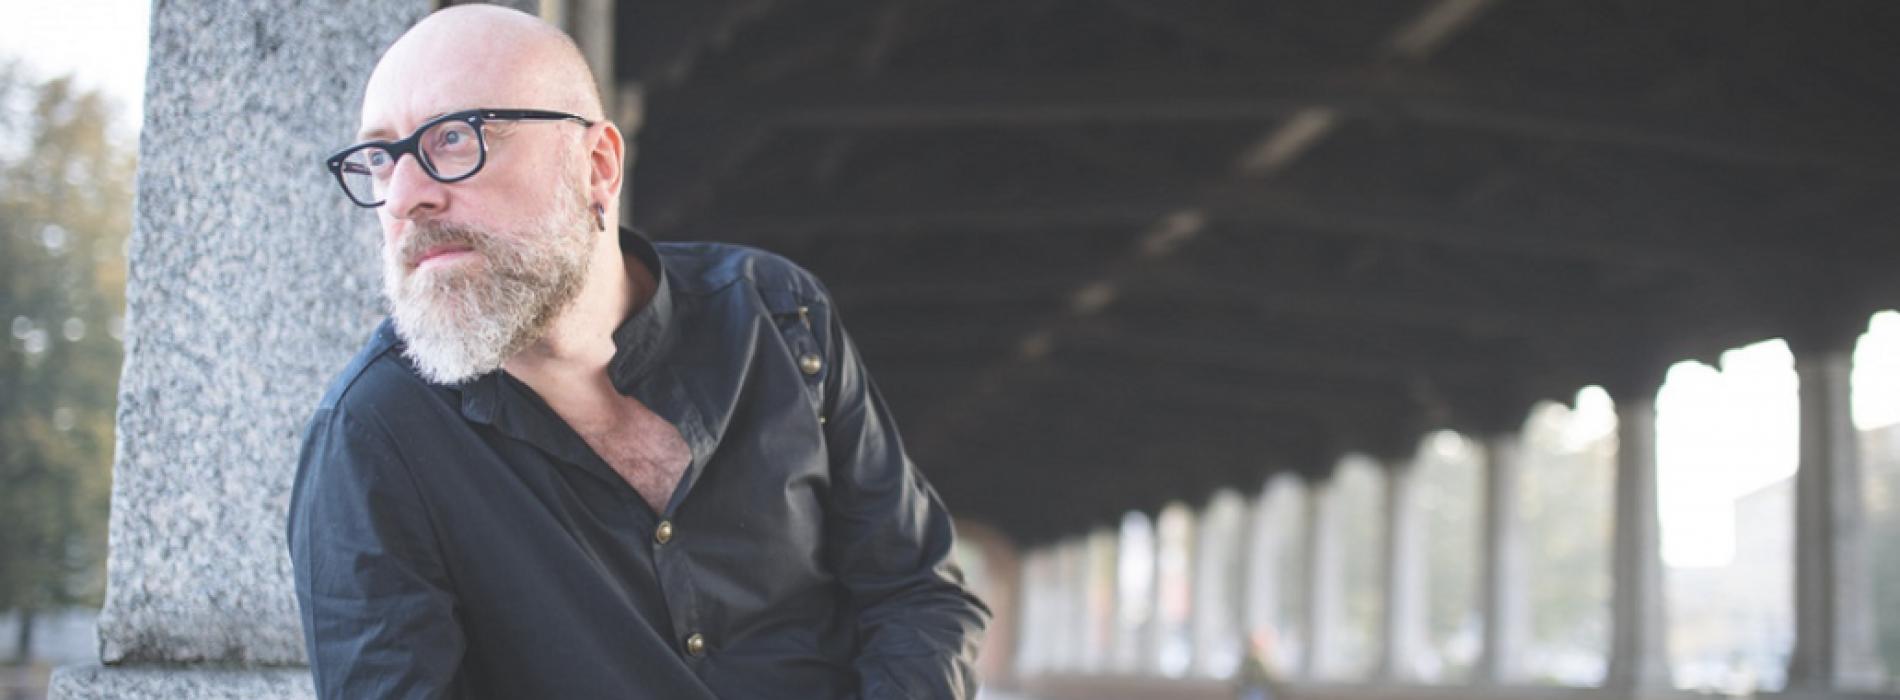 Paolo Di Sabatino 4et, Mario Biondi guest star al Comunale